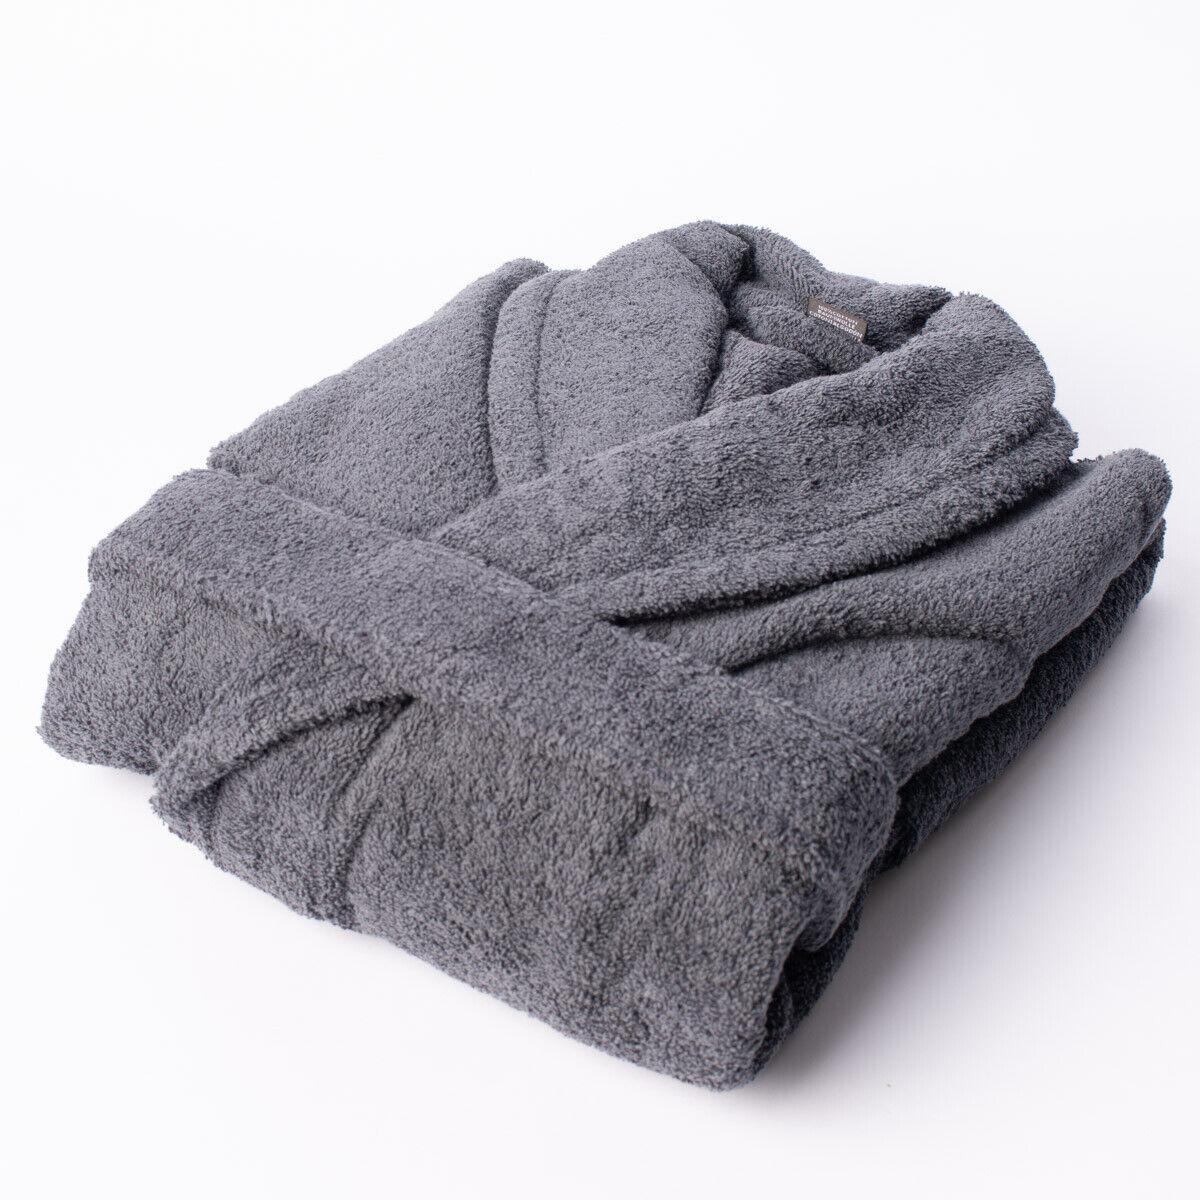 Frottee Bademantel dunkelgrau 100% Baumwolle | Günstige